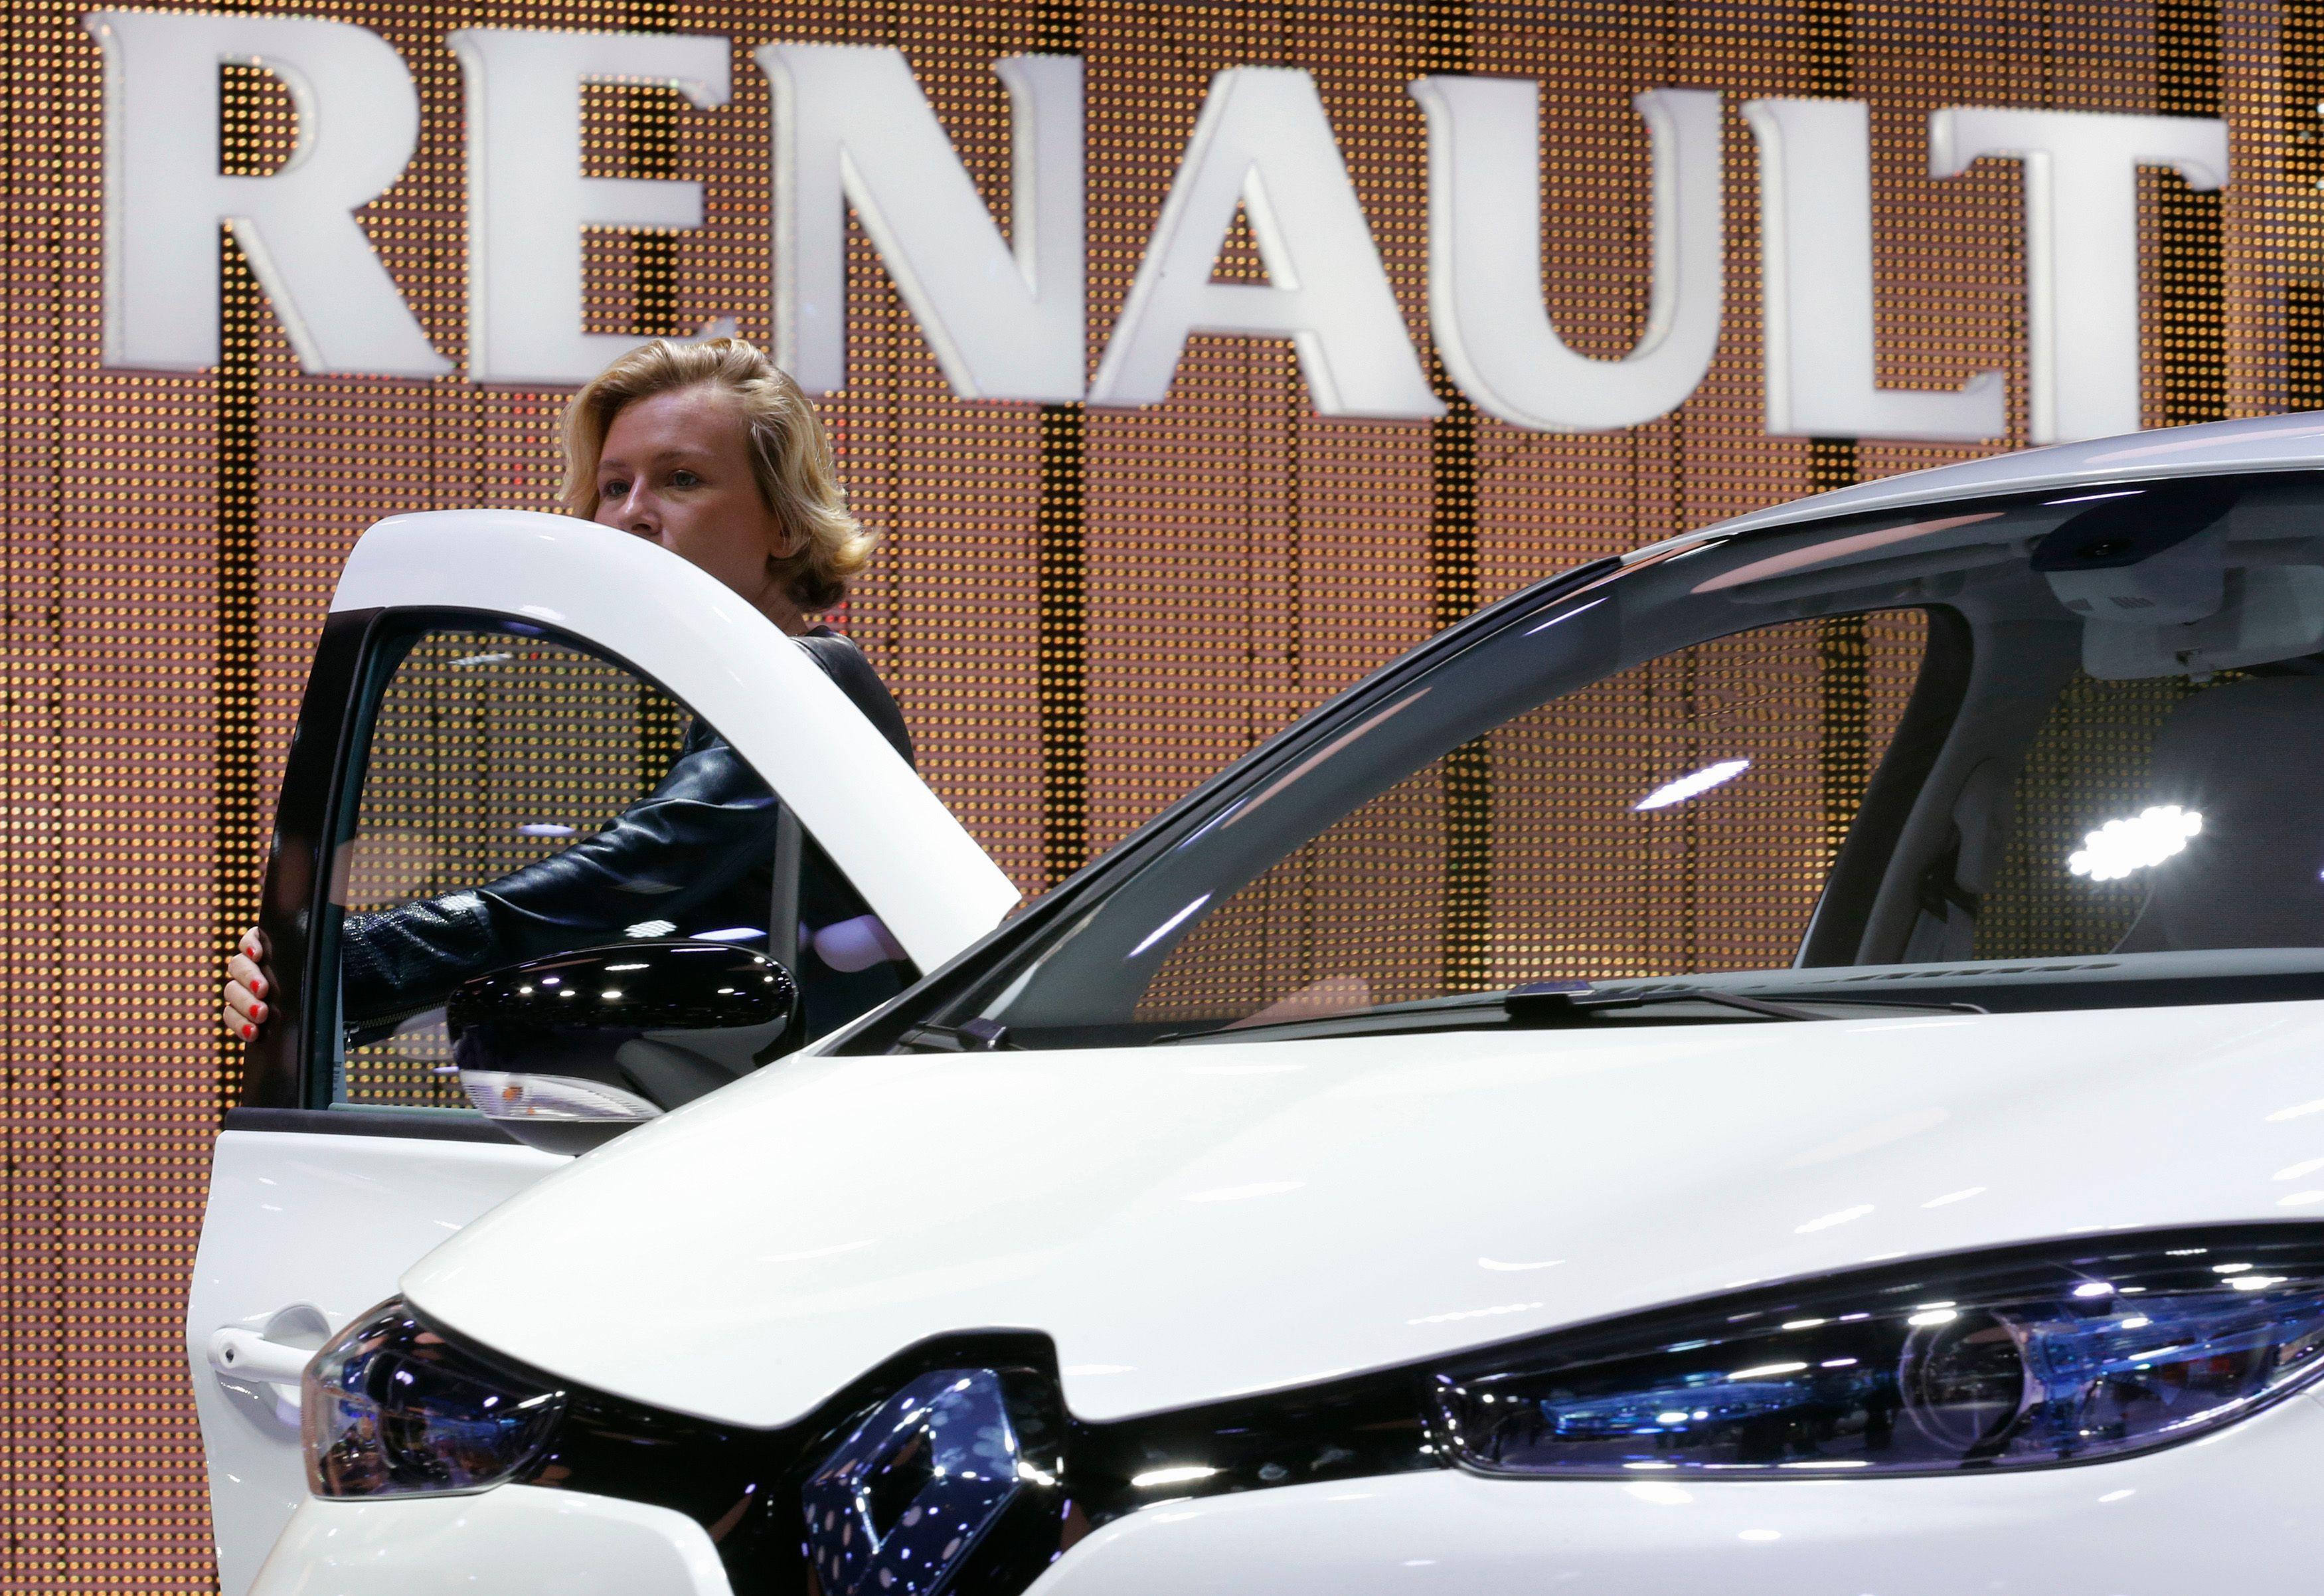 Ce jeudi à 12h45, l'action Renault perd un peu plus de 20% à la bourse de Paris.